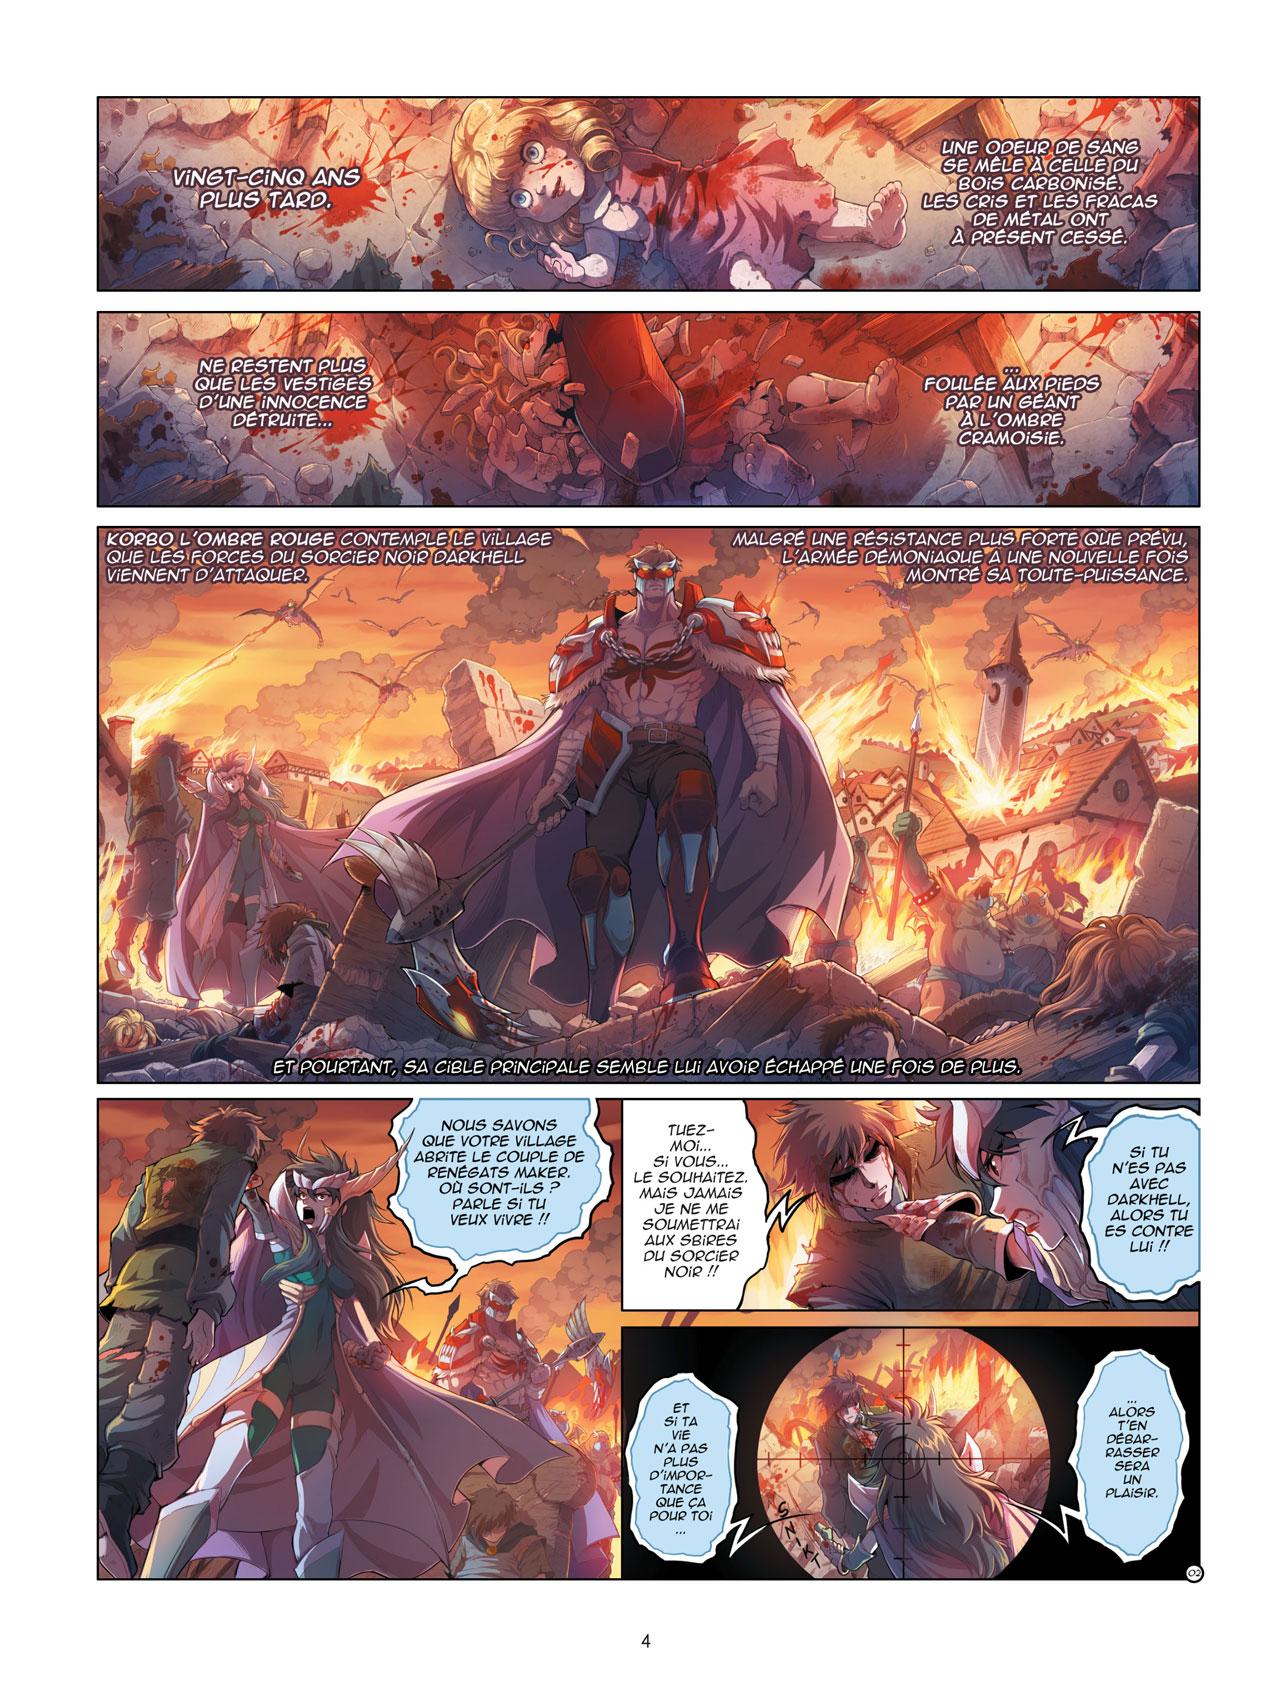 Les-legendaires-origines-tome-5_04